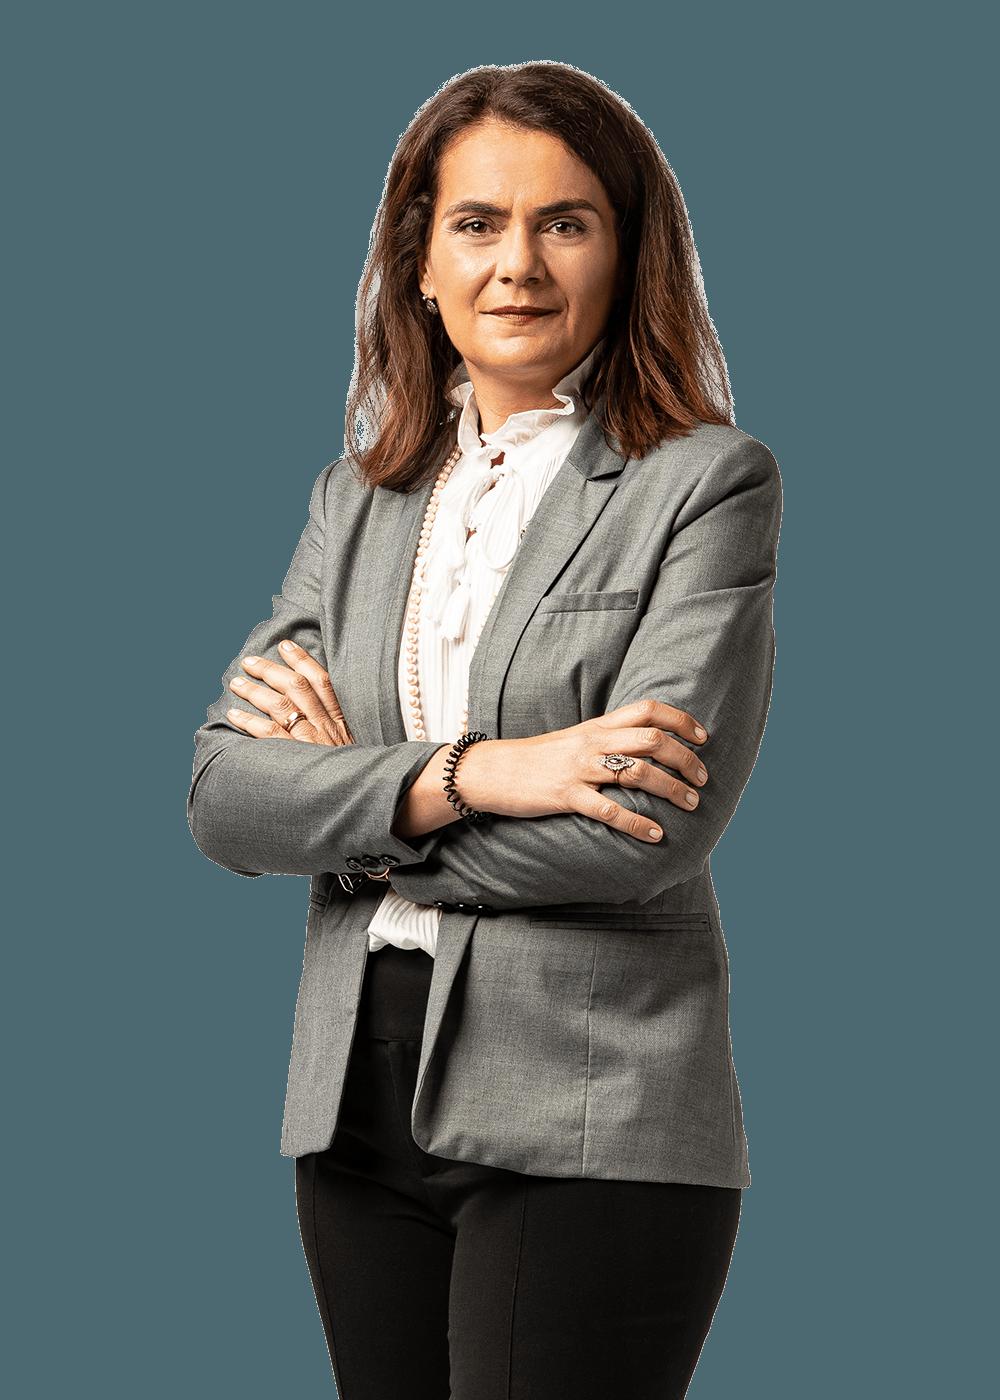 Madalena Januário